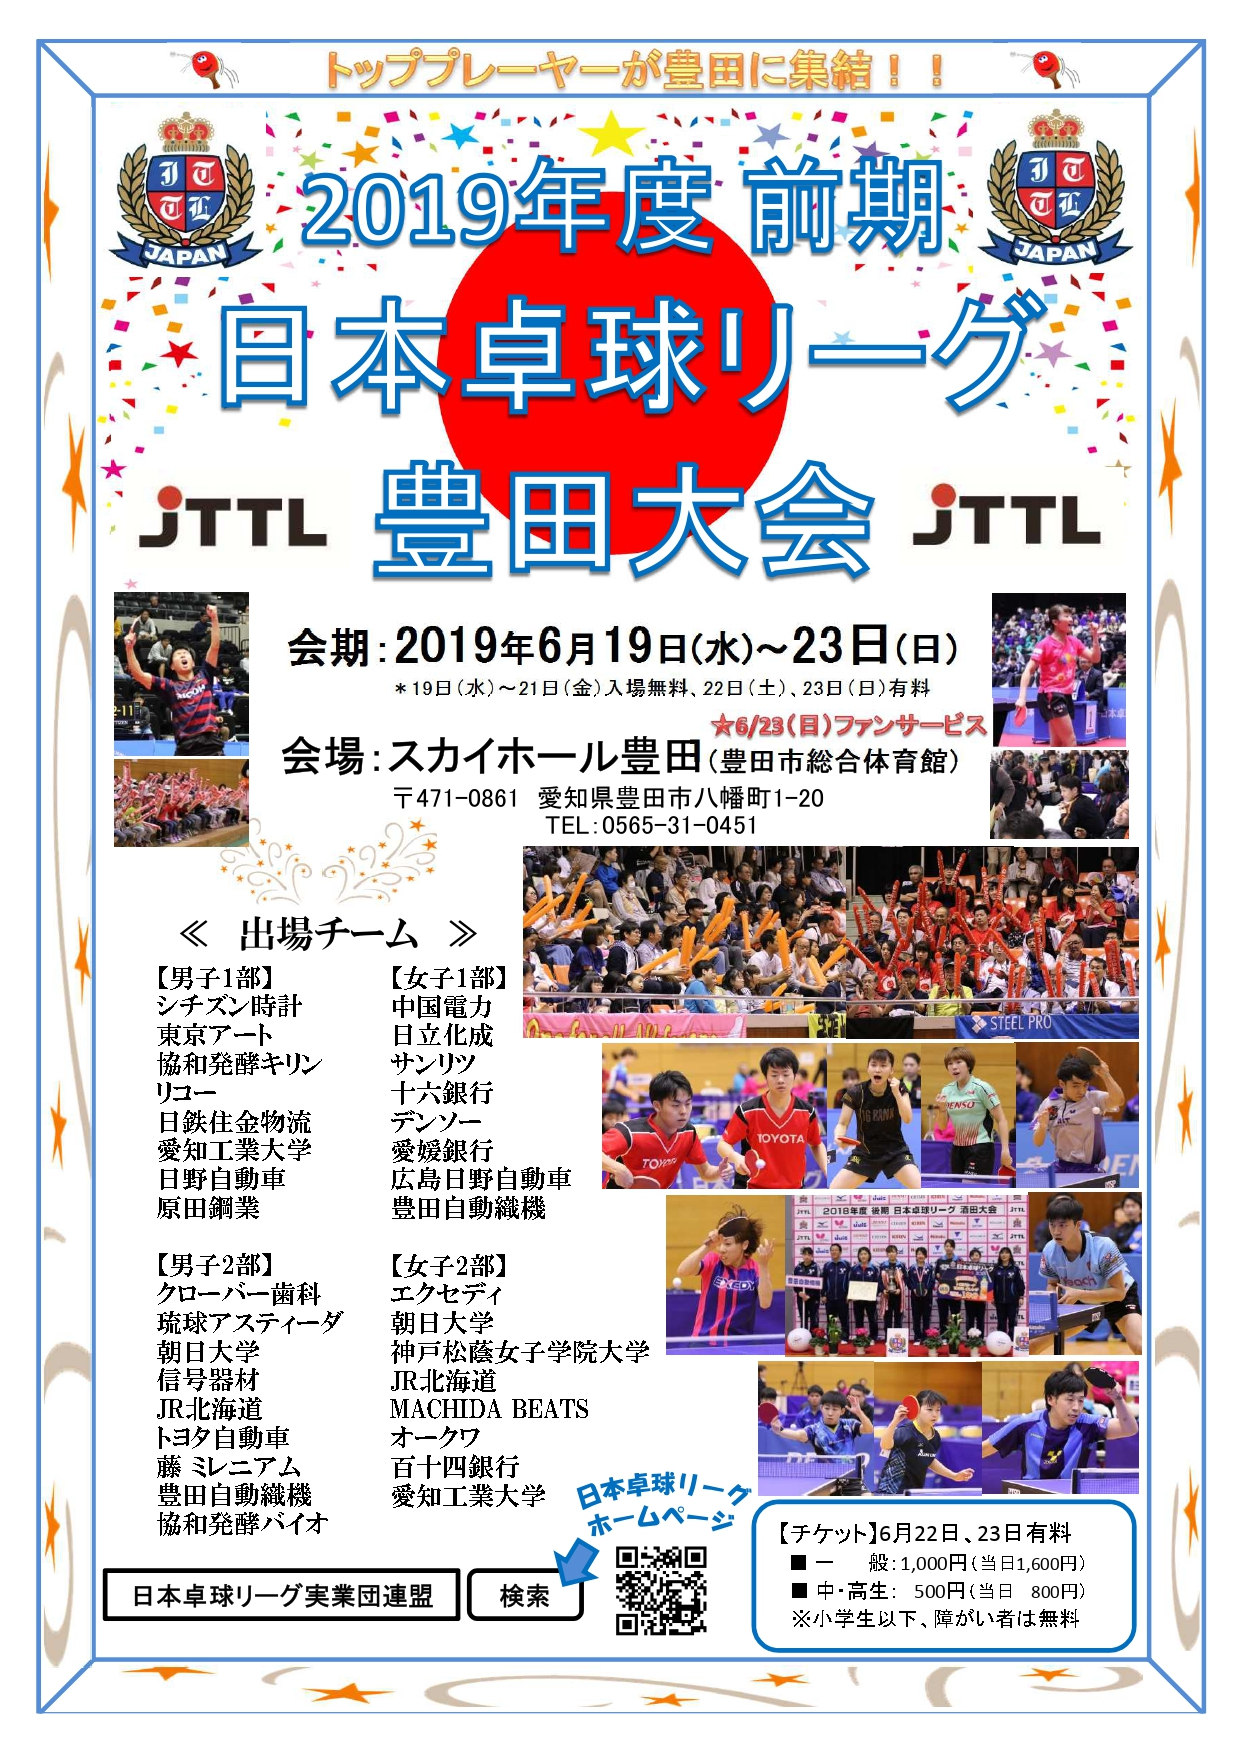 協会 卓球 愛知 県